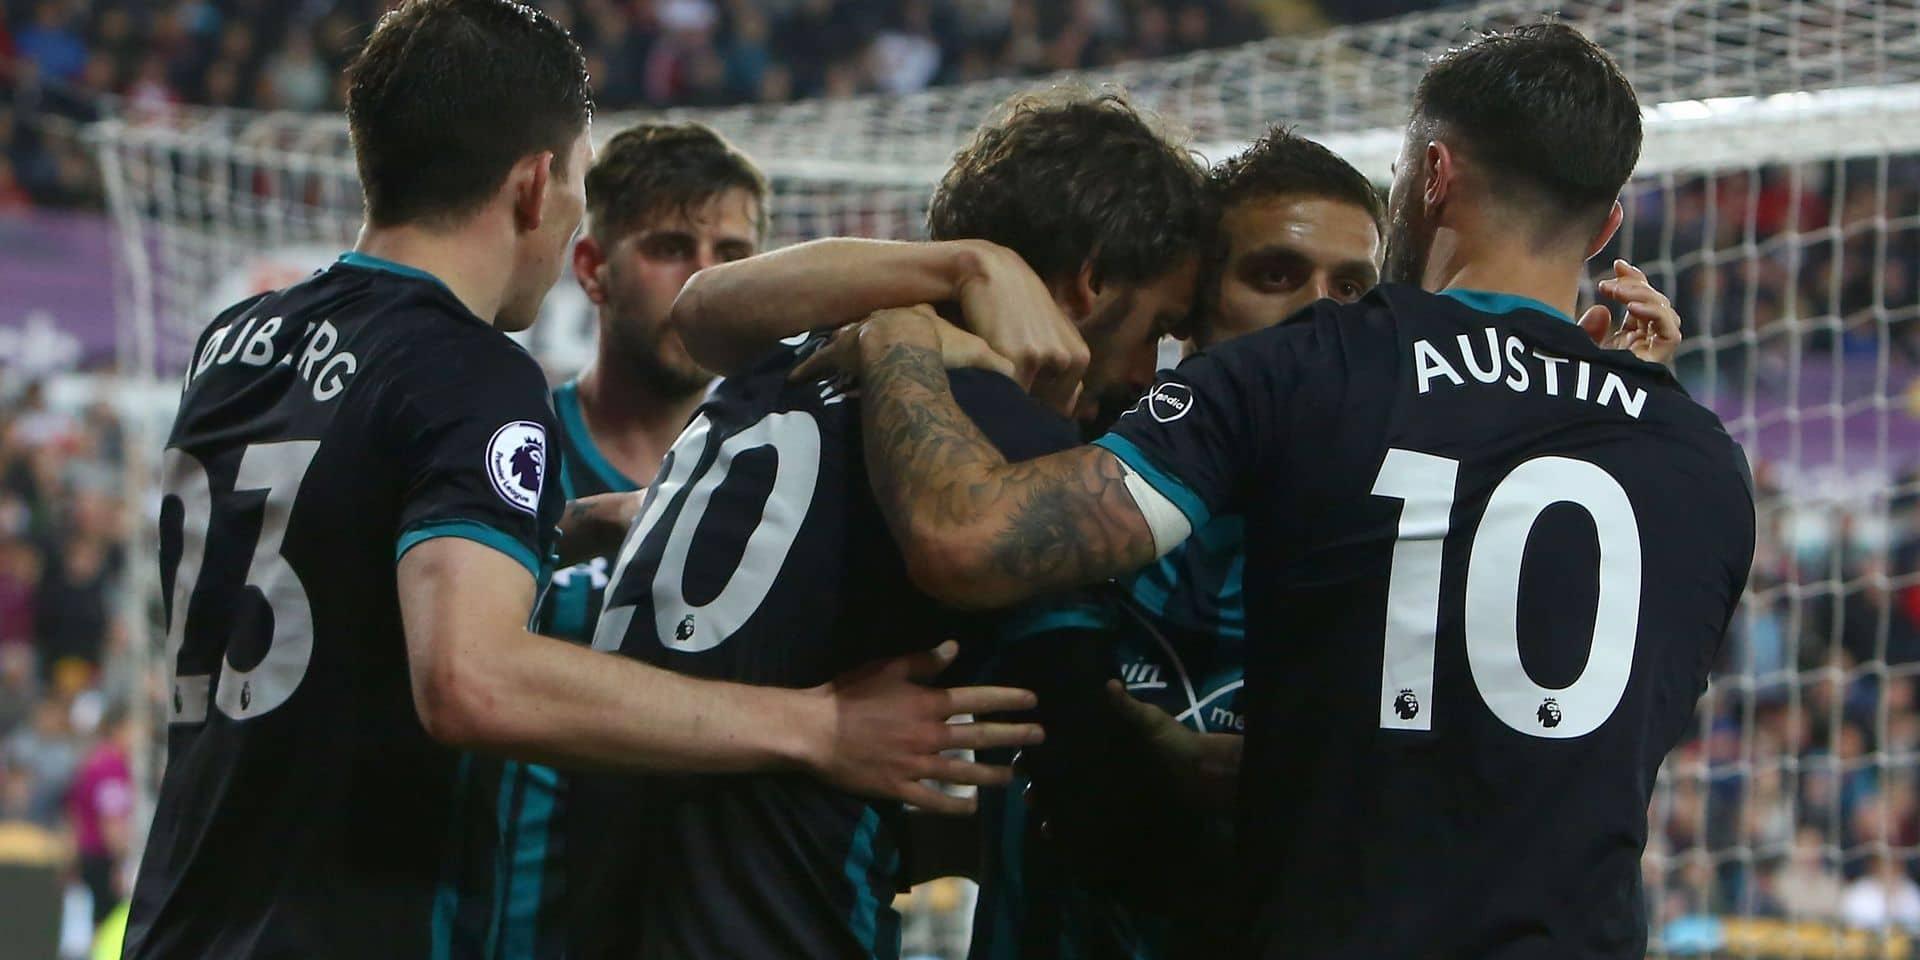 Les Belges à l'étranger: Southampton bat Swansea et condamne le West Bromwich de Nacer Chadli à la relégation